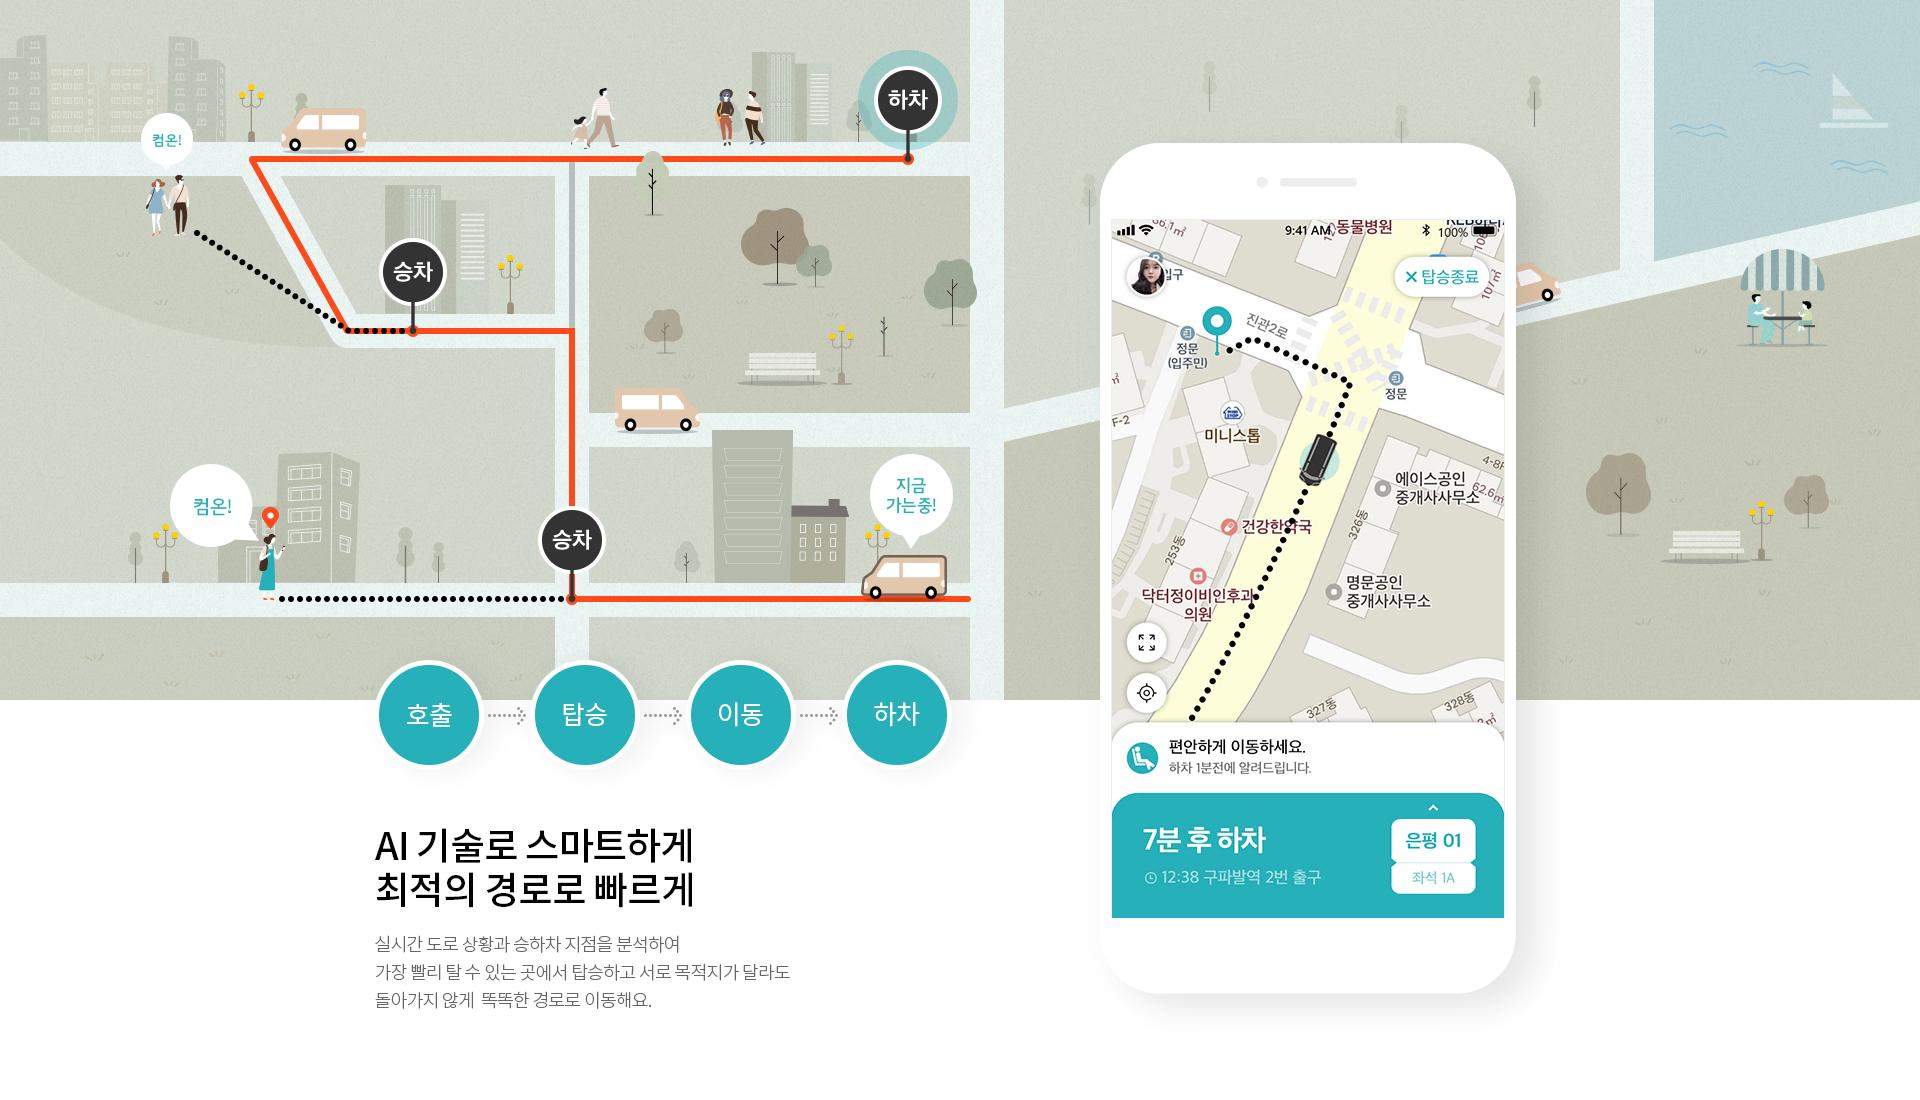 현대차가 KST모빌리티와 진행하는 수요응답형 커뮤니티 이동서비스는 인공지능으로 다수 승객, 복수 목적지에 대해 최적경로를 찾아주는 서비스다. [사진 현대자동차]